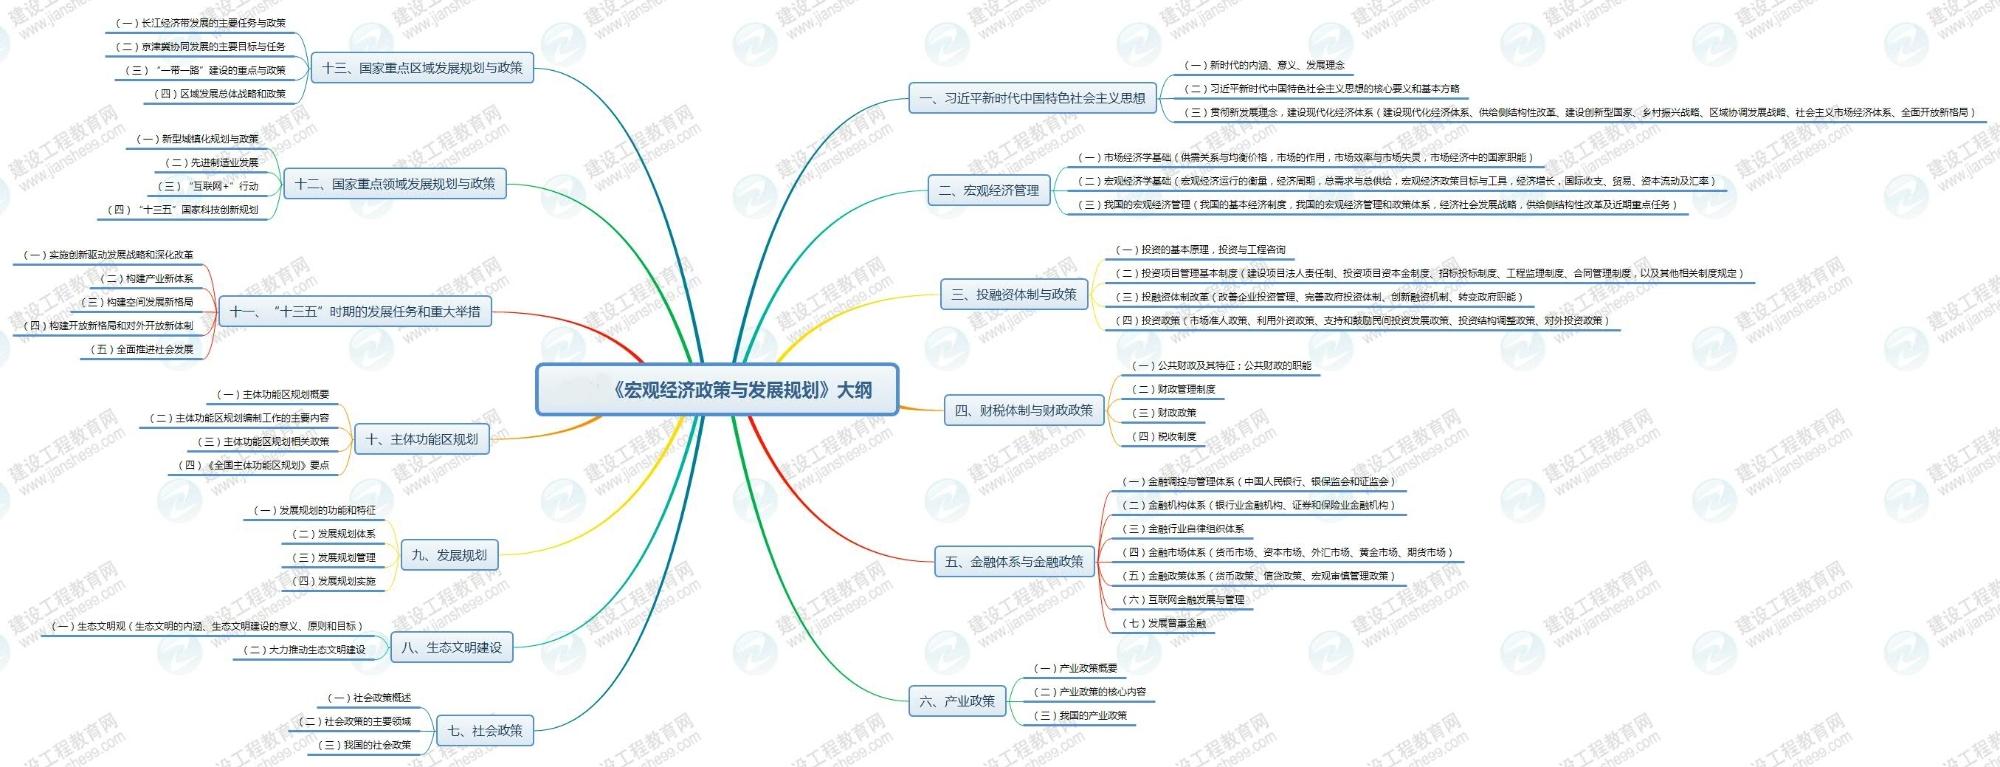 2020咨询工程师宏观经济政策与发展规划大纲思维导图